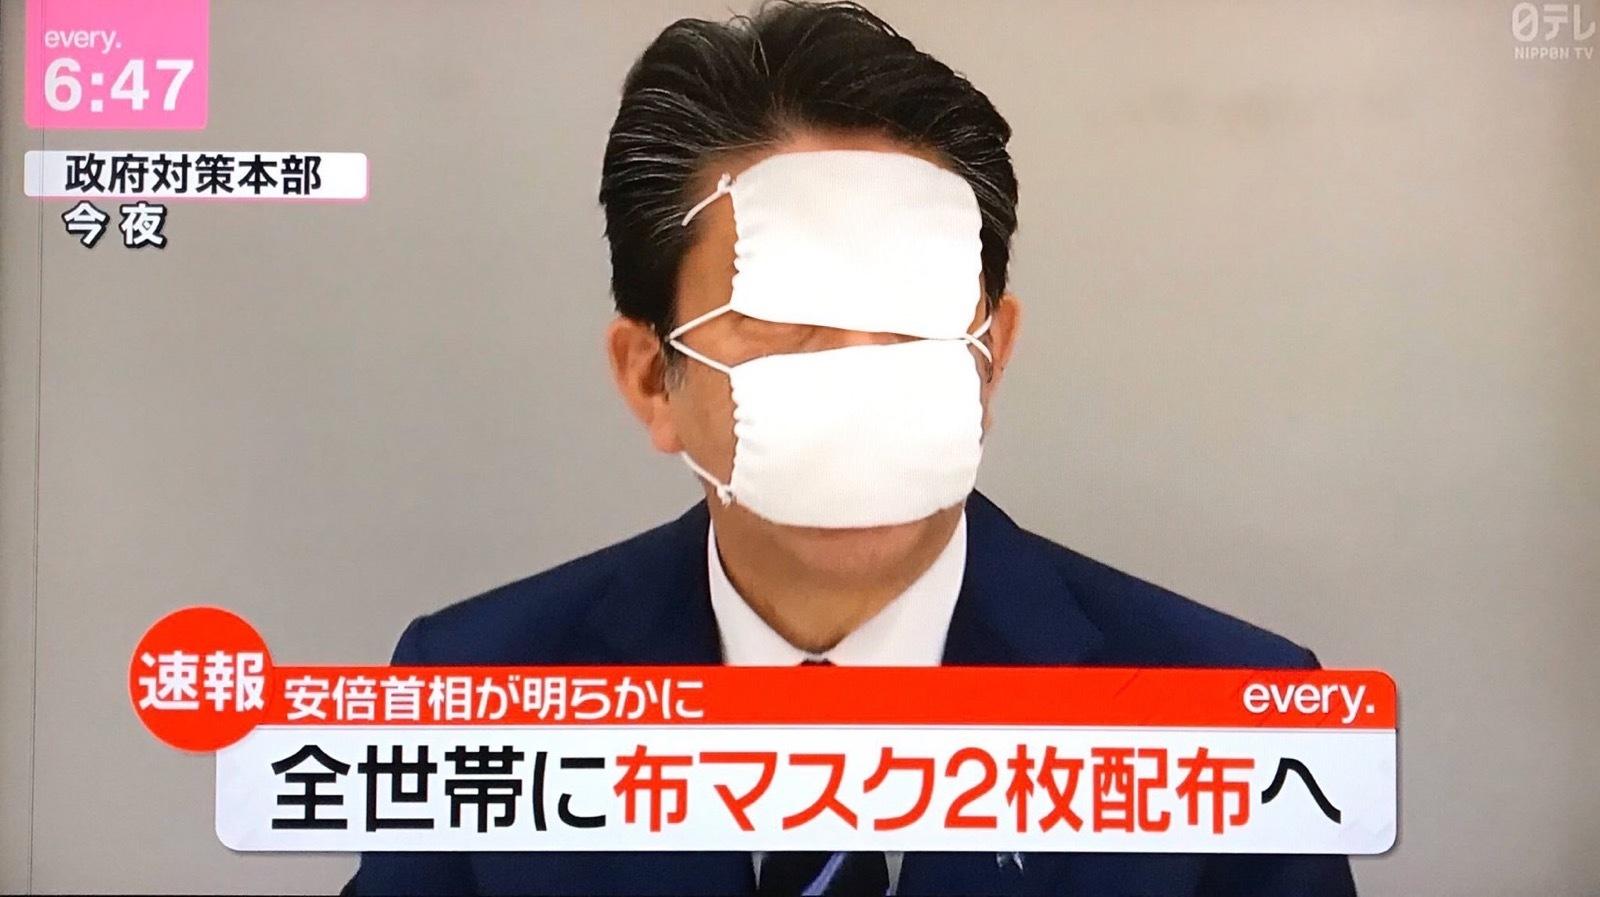 安倍マスク2枚